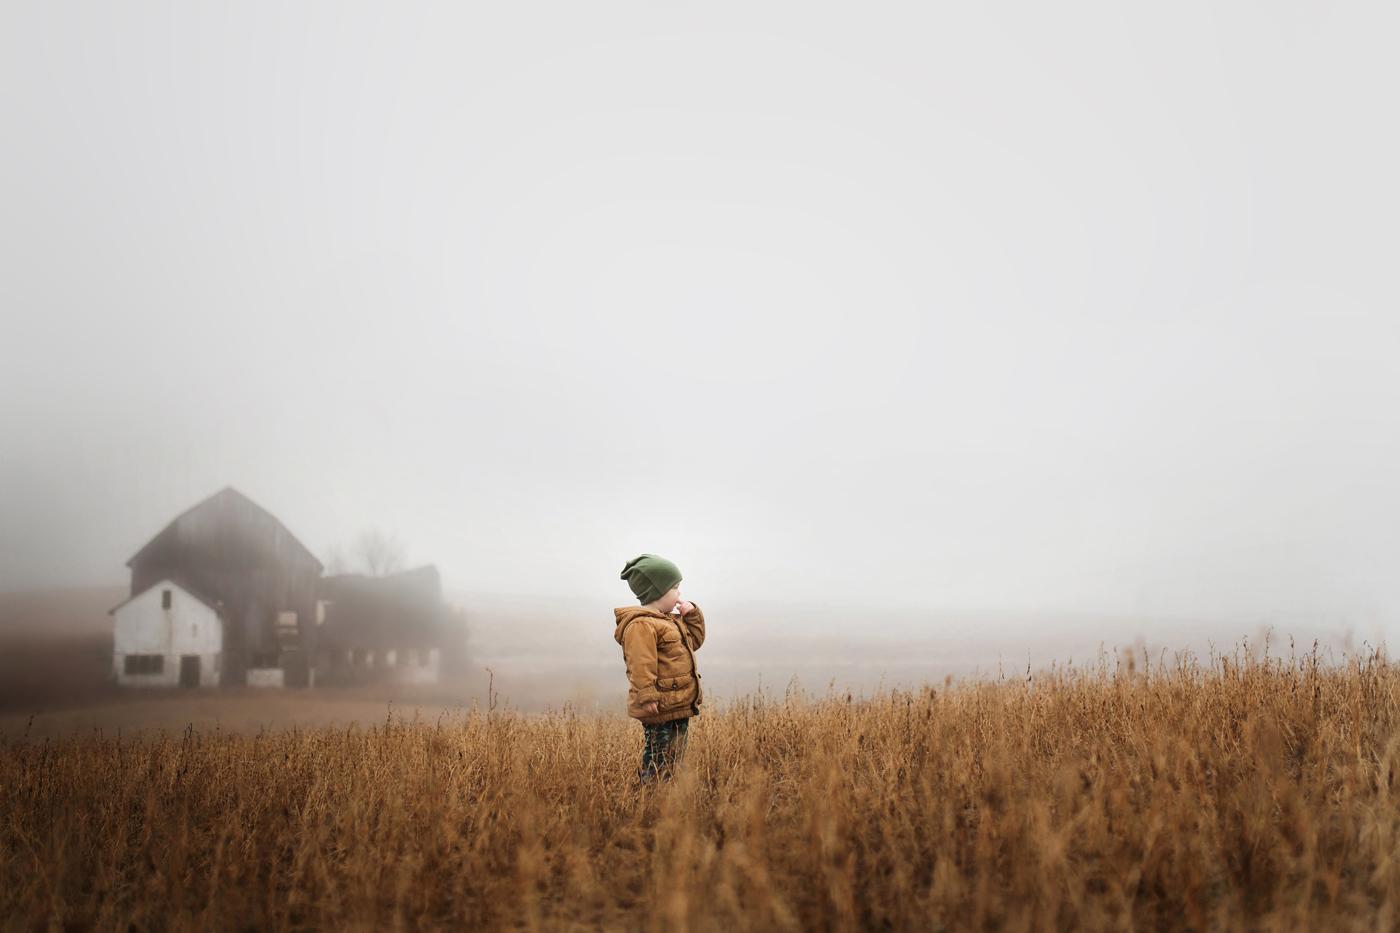 'Adventurer' by Meg Loeks